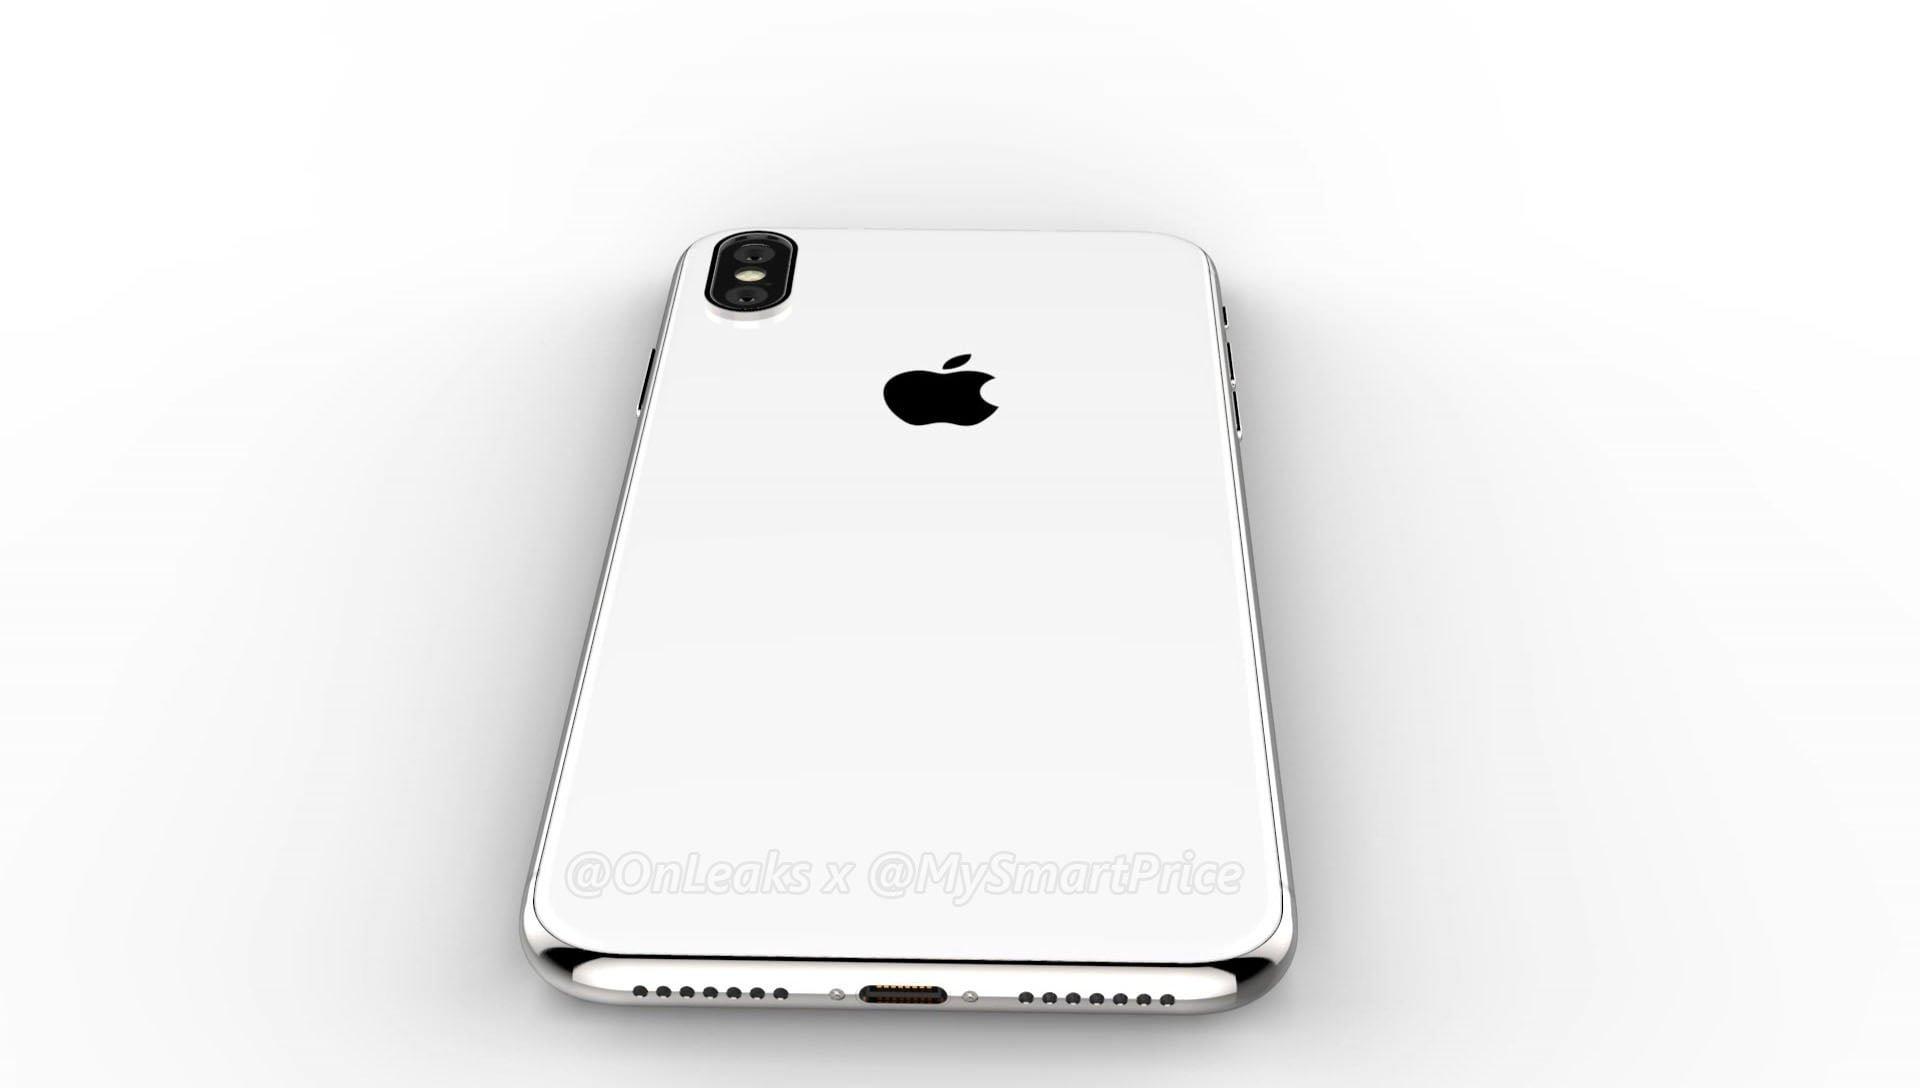 Wow, nowy iPhone X dostanie aż 4 GB RAM-u. Dla smartfona od Apple to chyba dużo 18